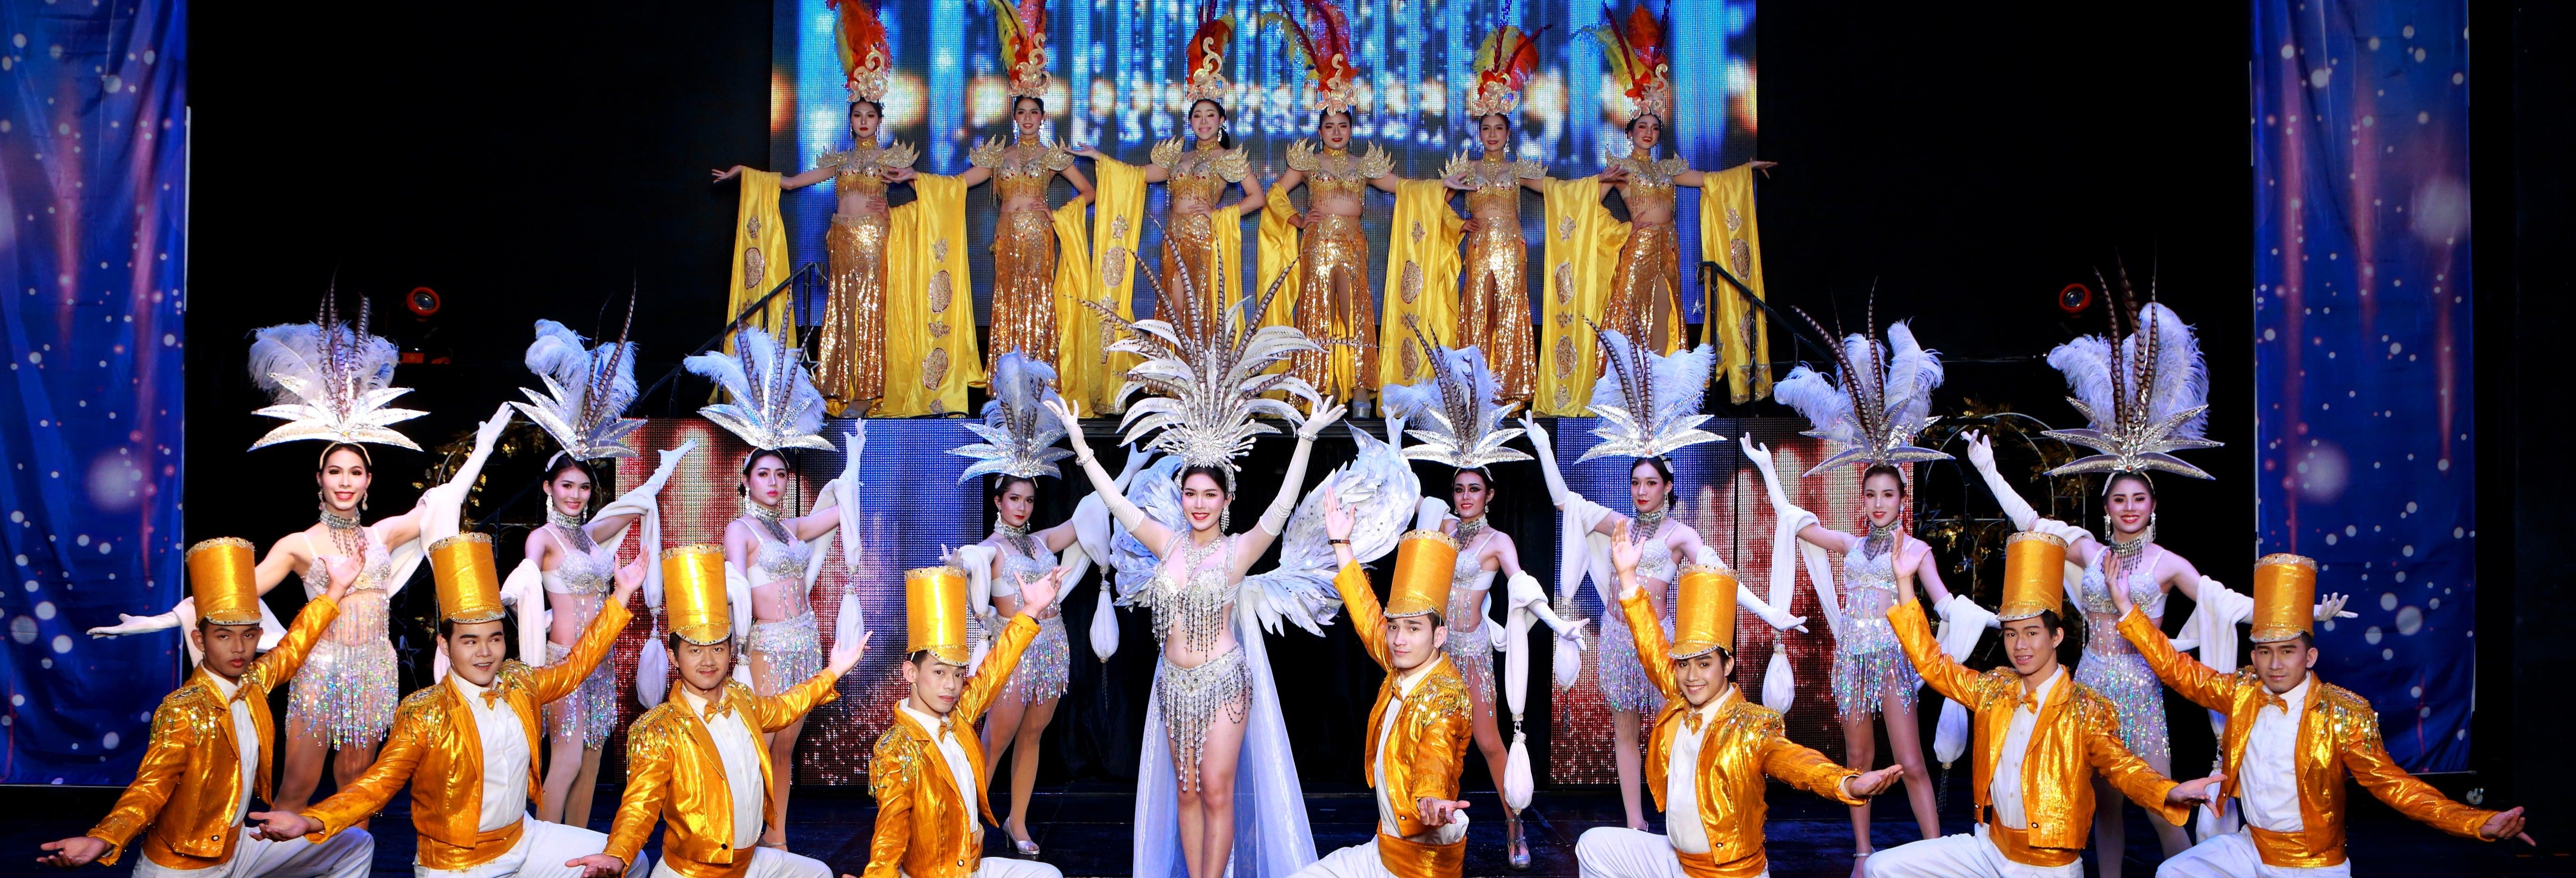 Spectacle de cabaret au Siam Dragon Show